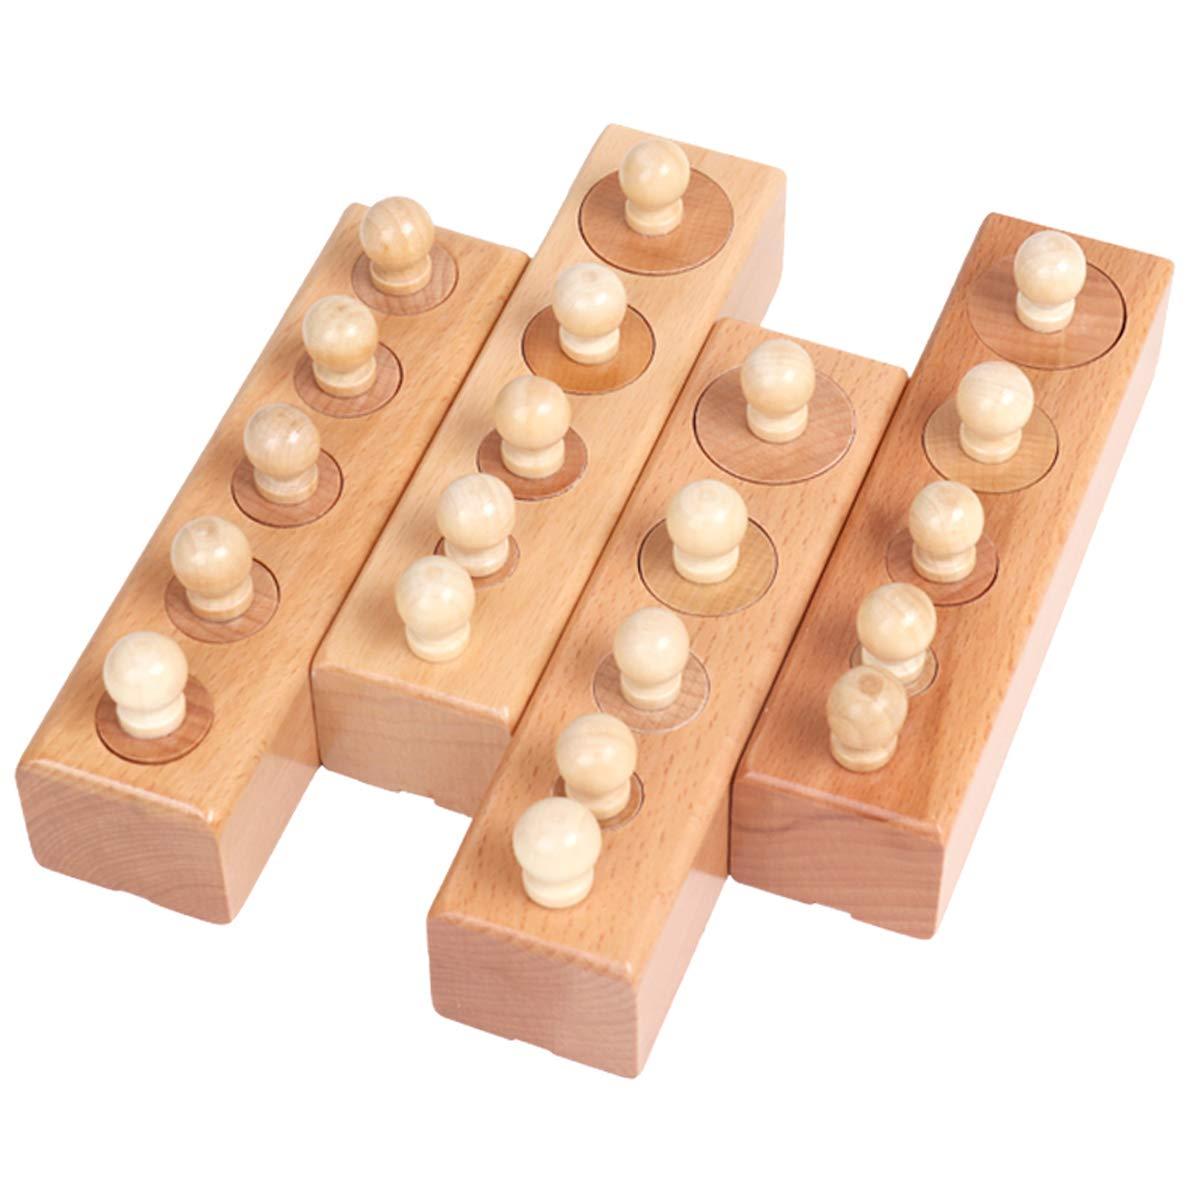 Montessori 4 Farben Zylinder mit Karten Montessori Materialien Holz Zylinder Leiter Blöcke Montessori Spielzeug für Kleinkinder Family Version (color cylinder with cards) New coordinates